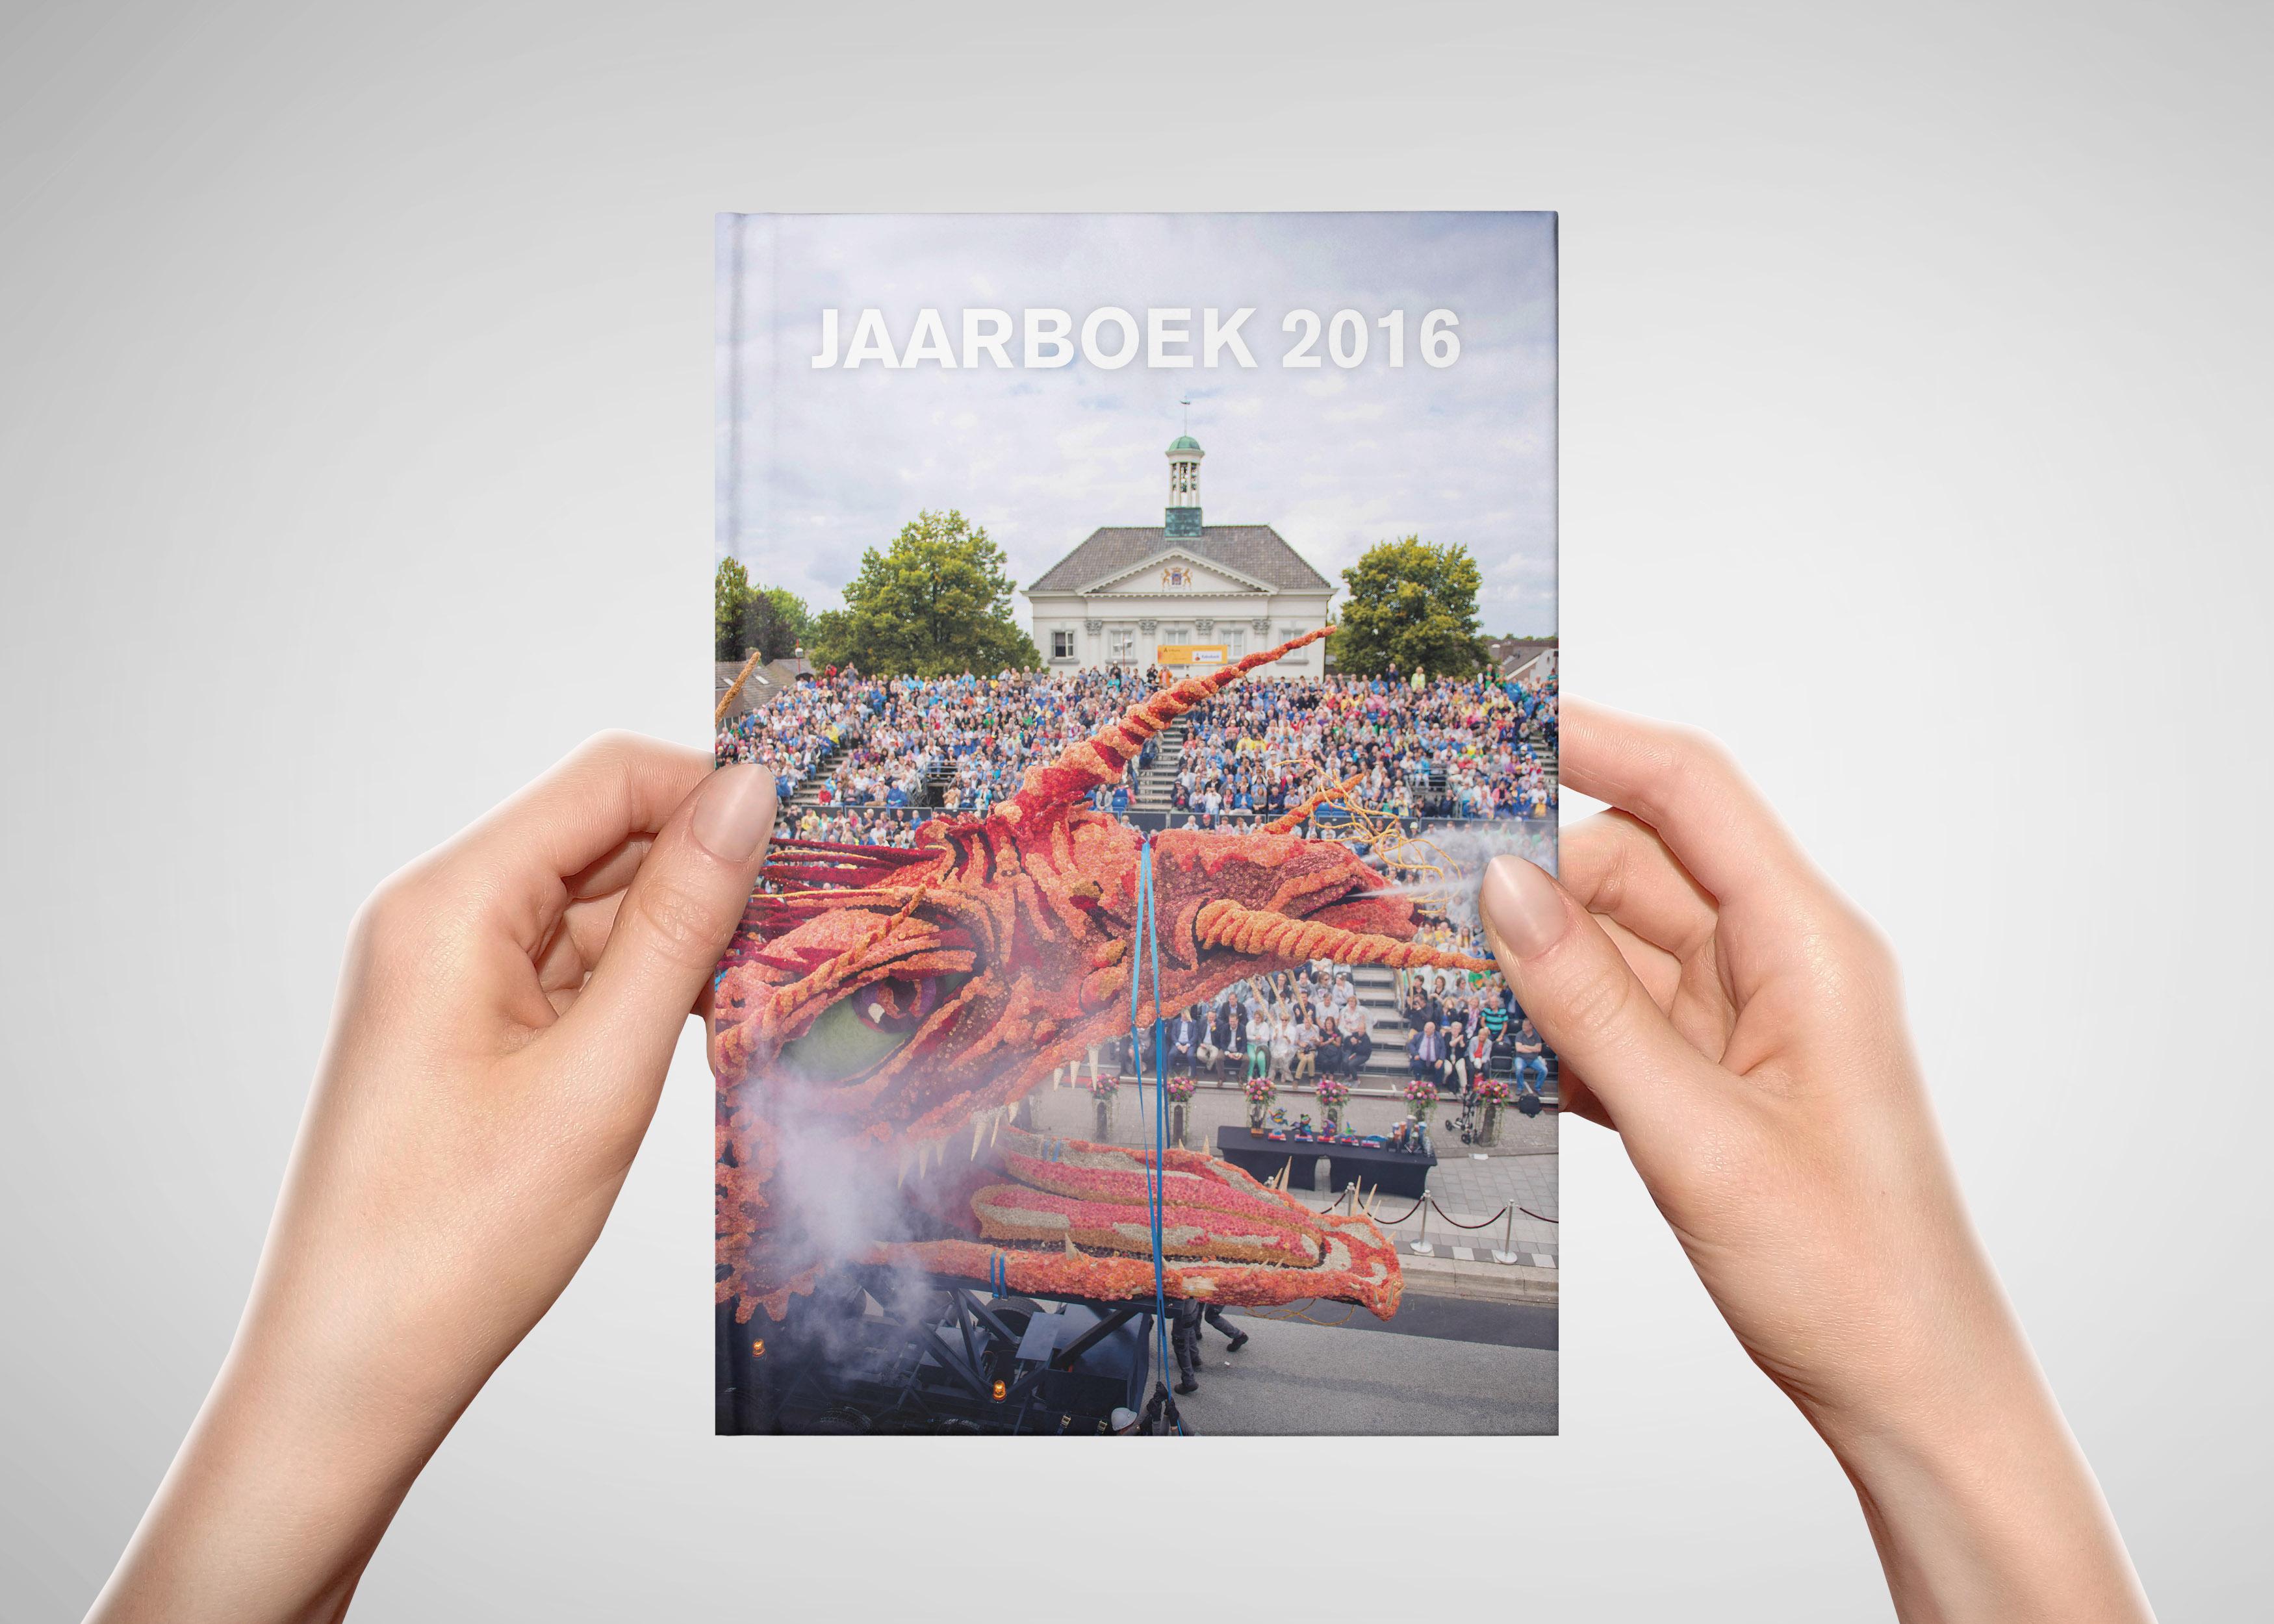 jaarboek_2016_mockup_cover_2_klein